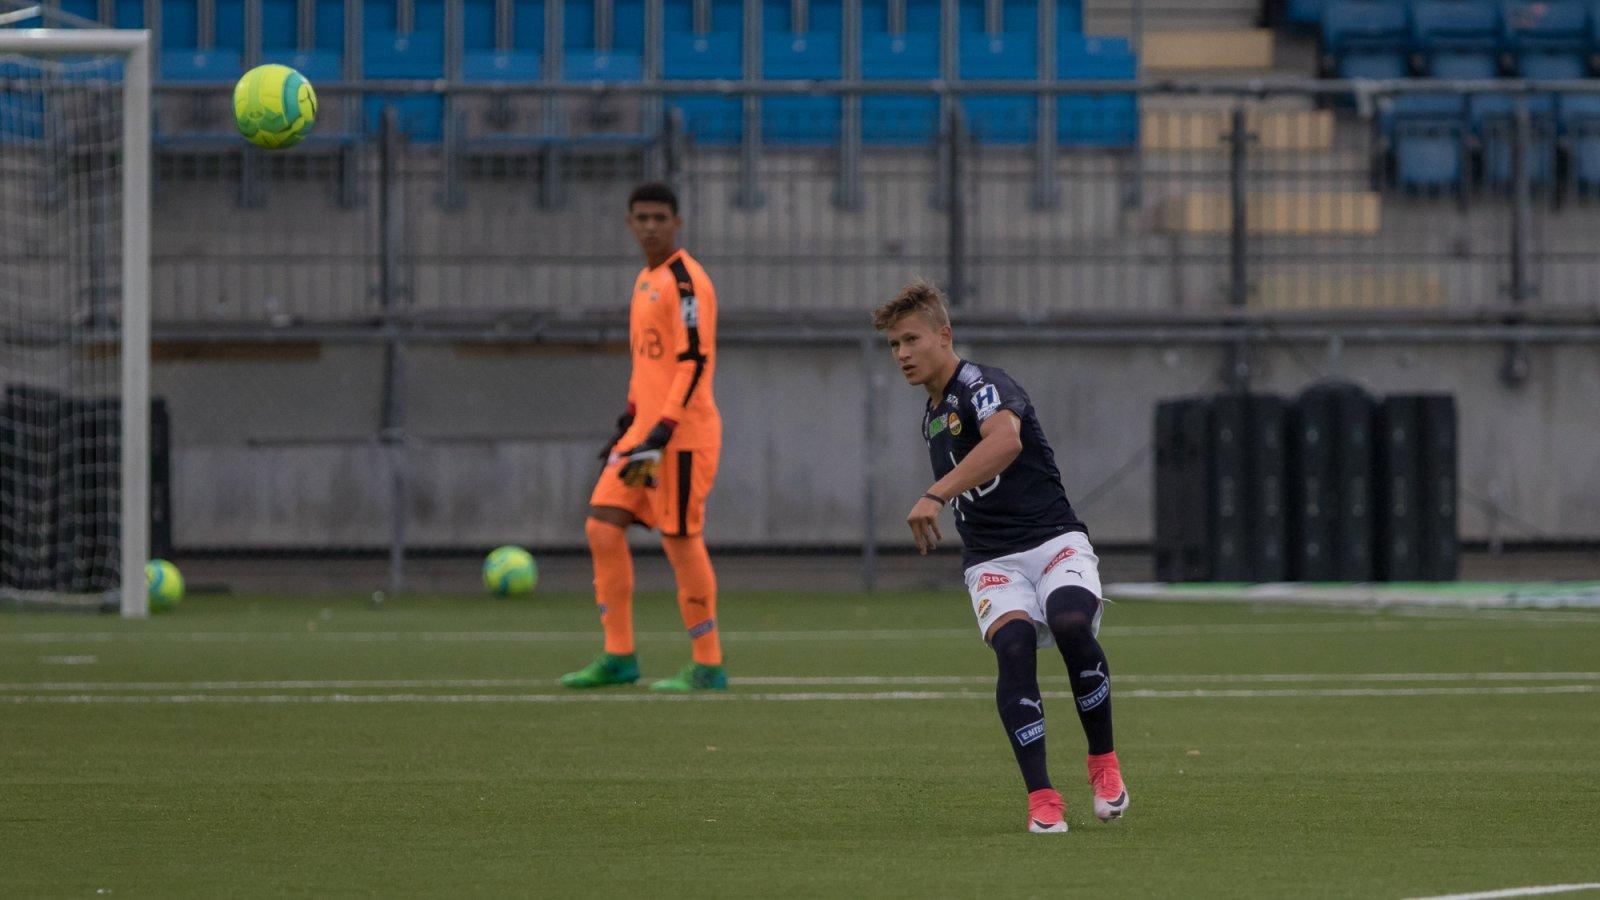 David Campher og Daniel Negussie Skretteberg (i bakgrunnen) for Strømsgodset 3 mot Kongsberg IF.